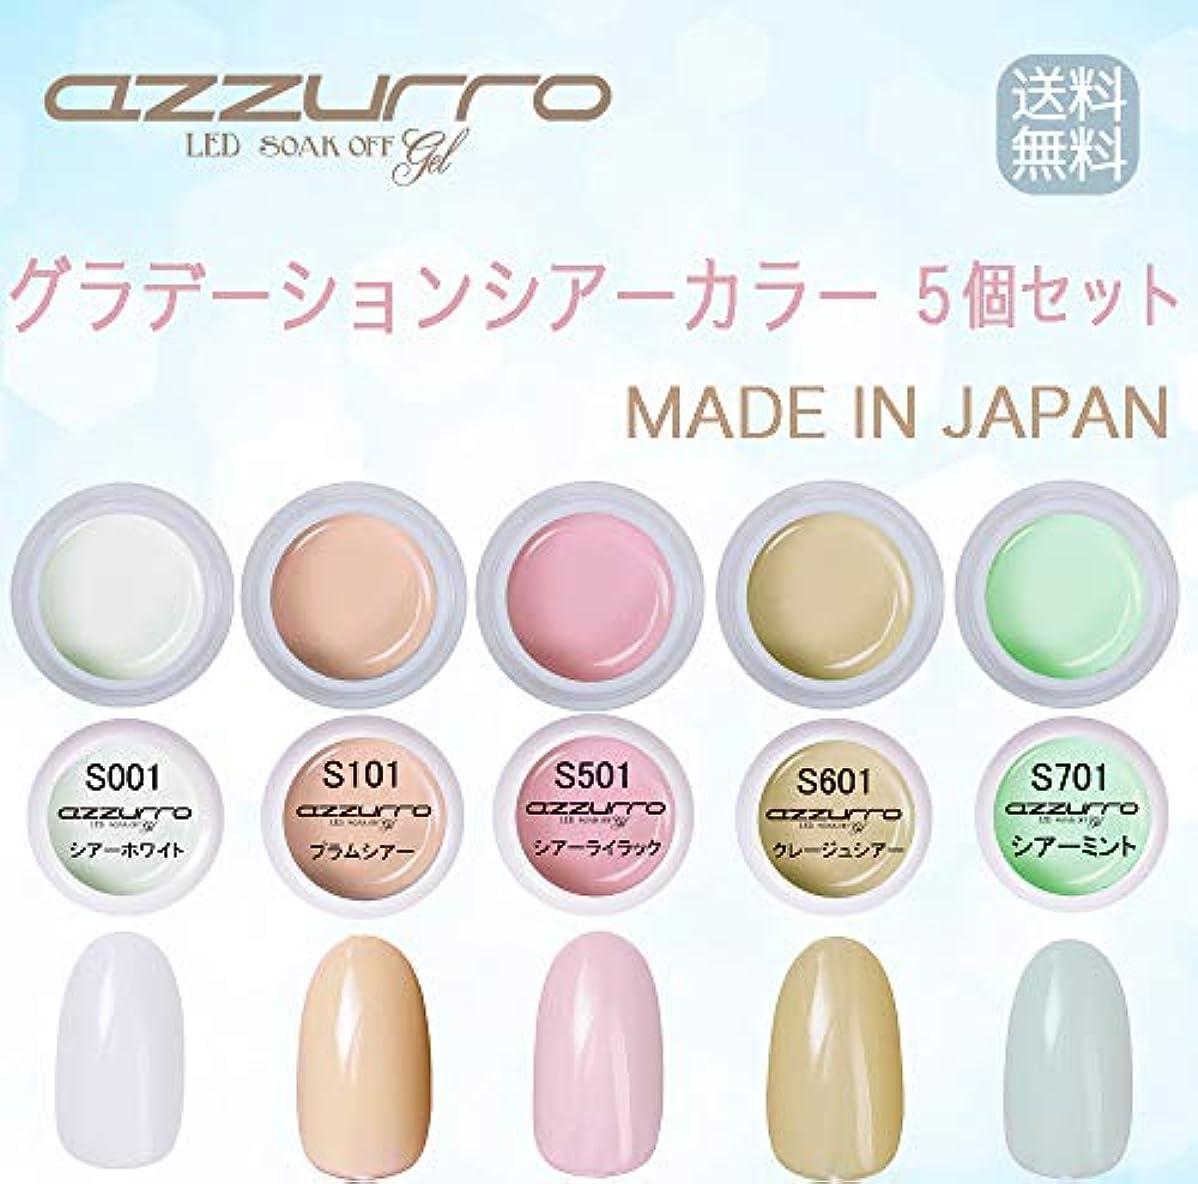 ゼロ仮定する効果的に【送料無料】日本製 azzurro gel グラデーションシアーカラージェル5個セット 春にぴったりな 春グラデーションシアーカラー